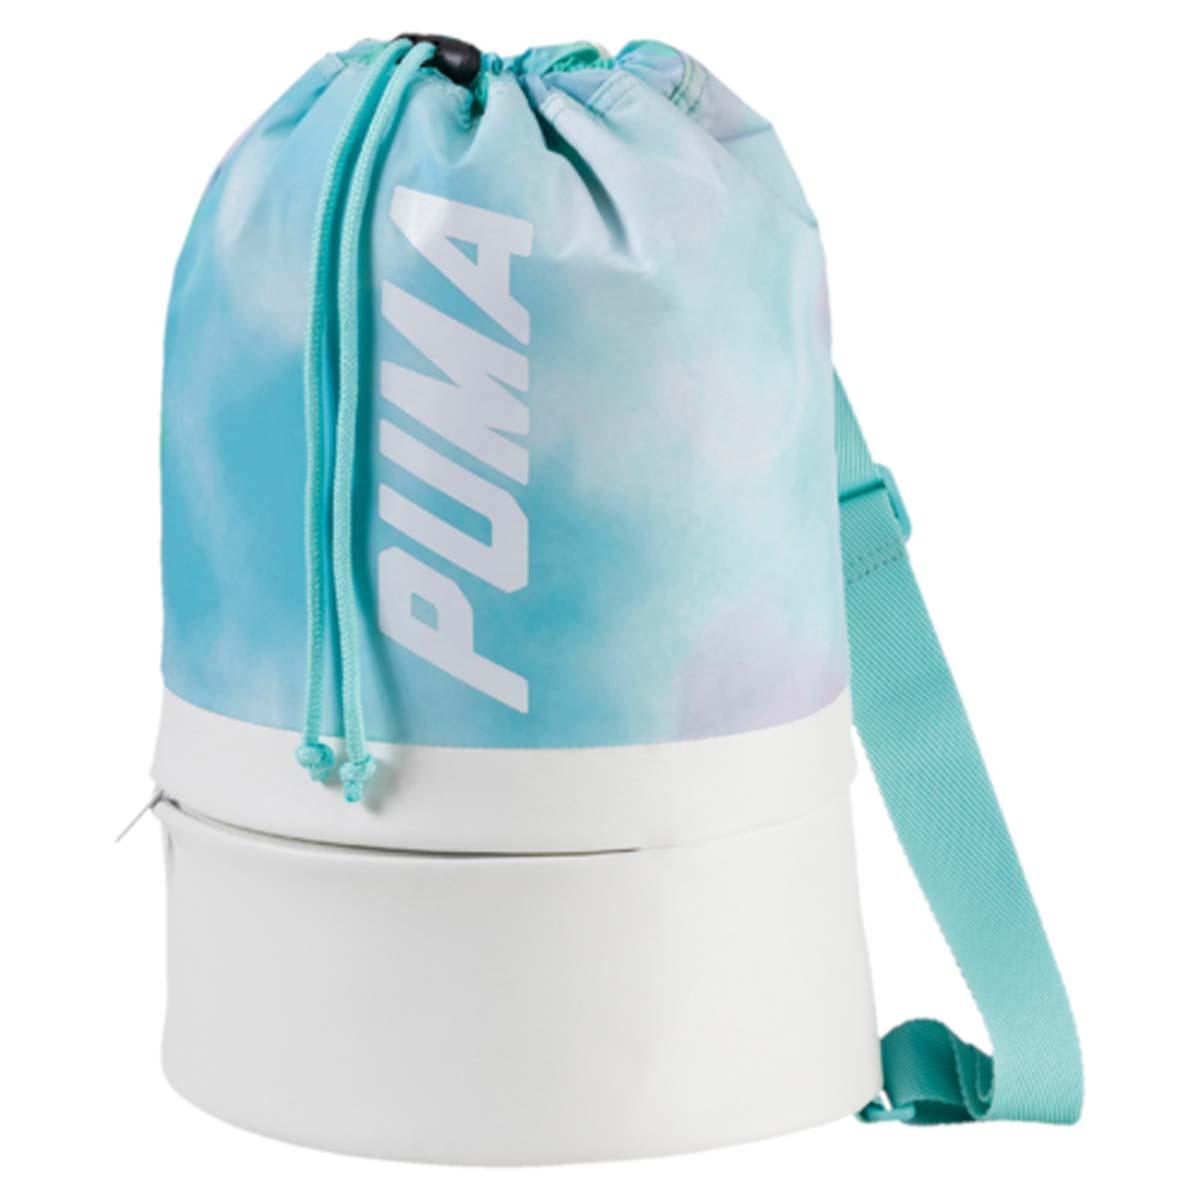 Рюкзак женский Puma Prime Bucket Bag P, цвет: белый, бирюзовый. 0745560207455602Рюкзак Pumaвыполнен из текстиля. Модель с одним отделением, застегивается при помощи затягивающегося шнурка. Рюкзак оснащен регулируемыми по длине тонкими плечевыми лямками.